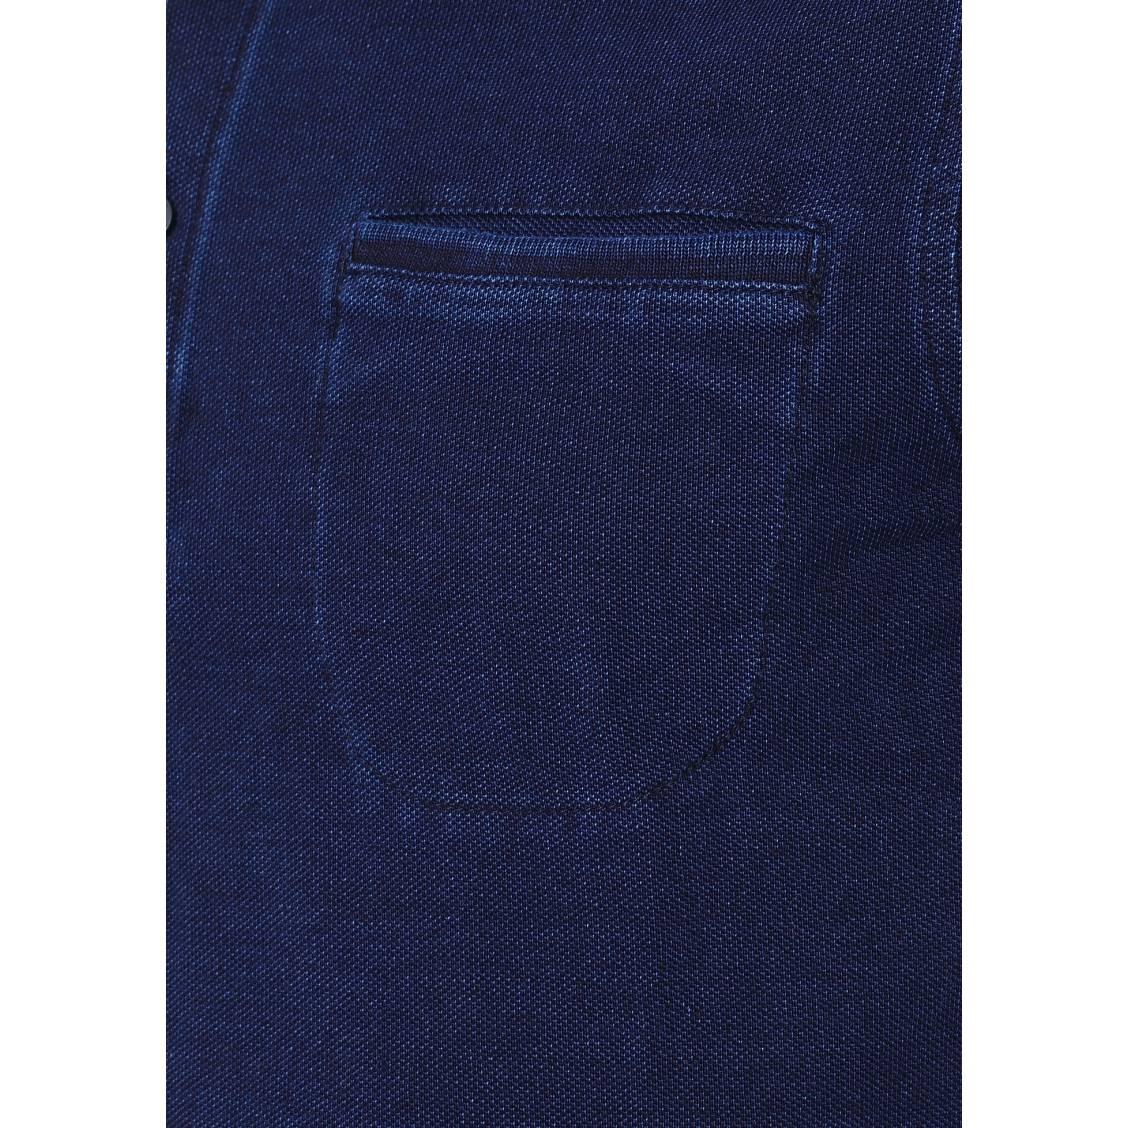 Polo slim fit Tommy Hilfiger en coton piqué bleu foncé